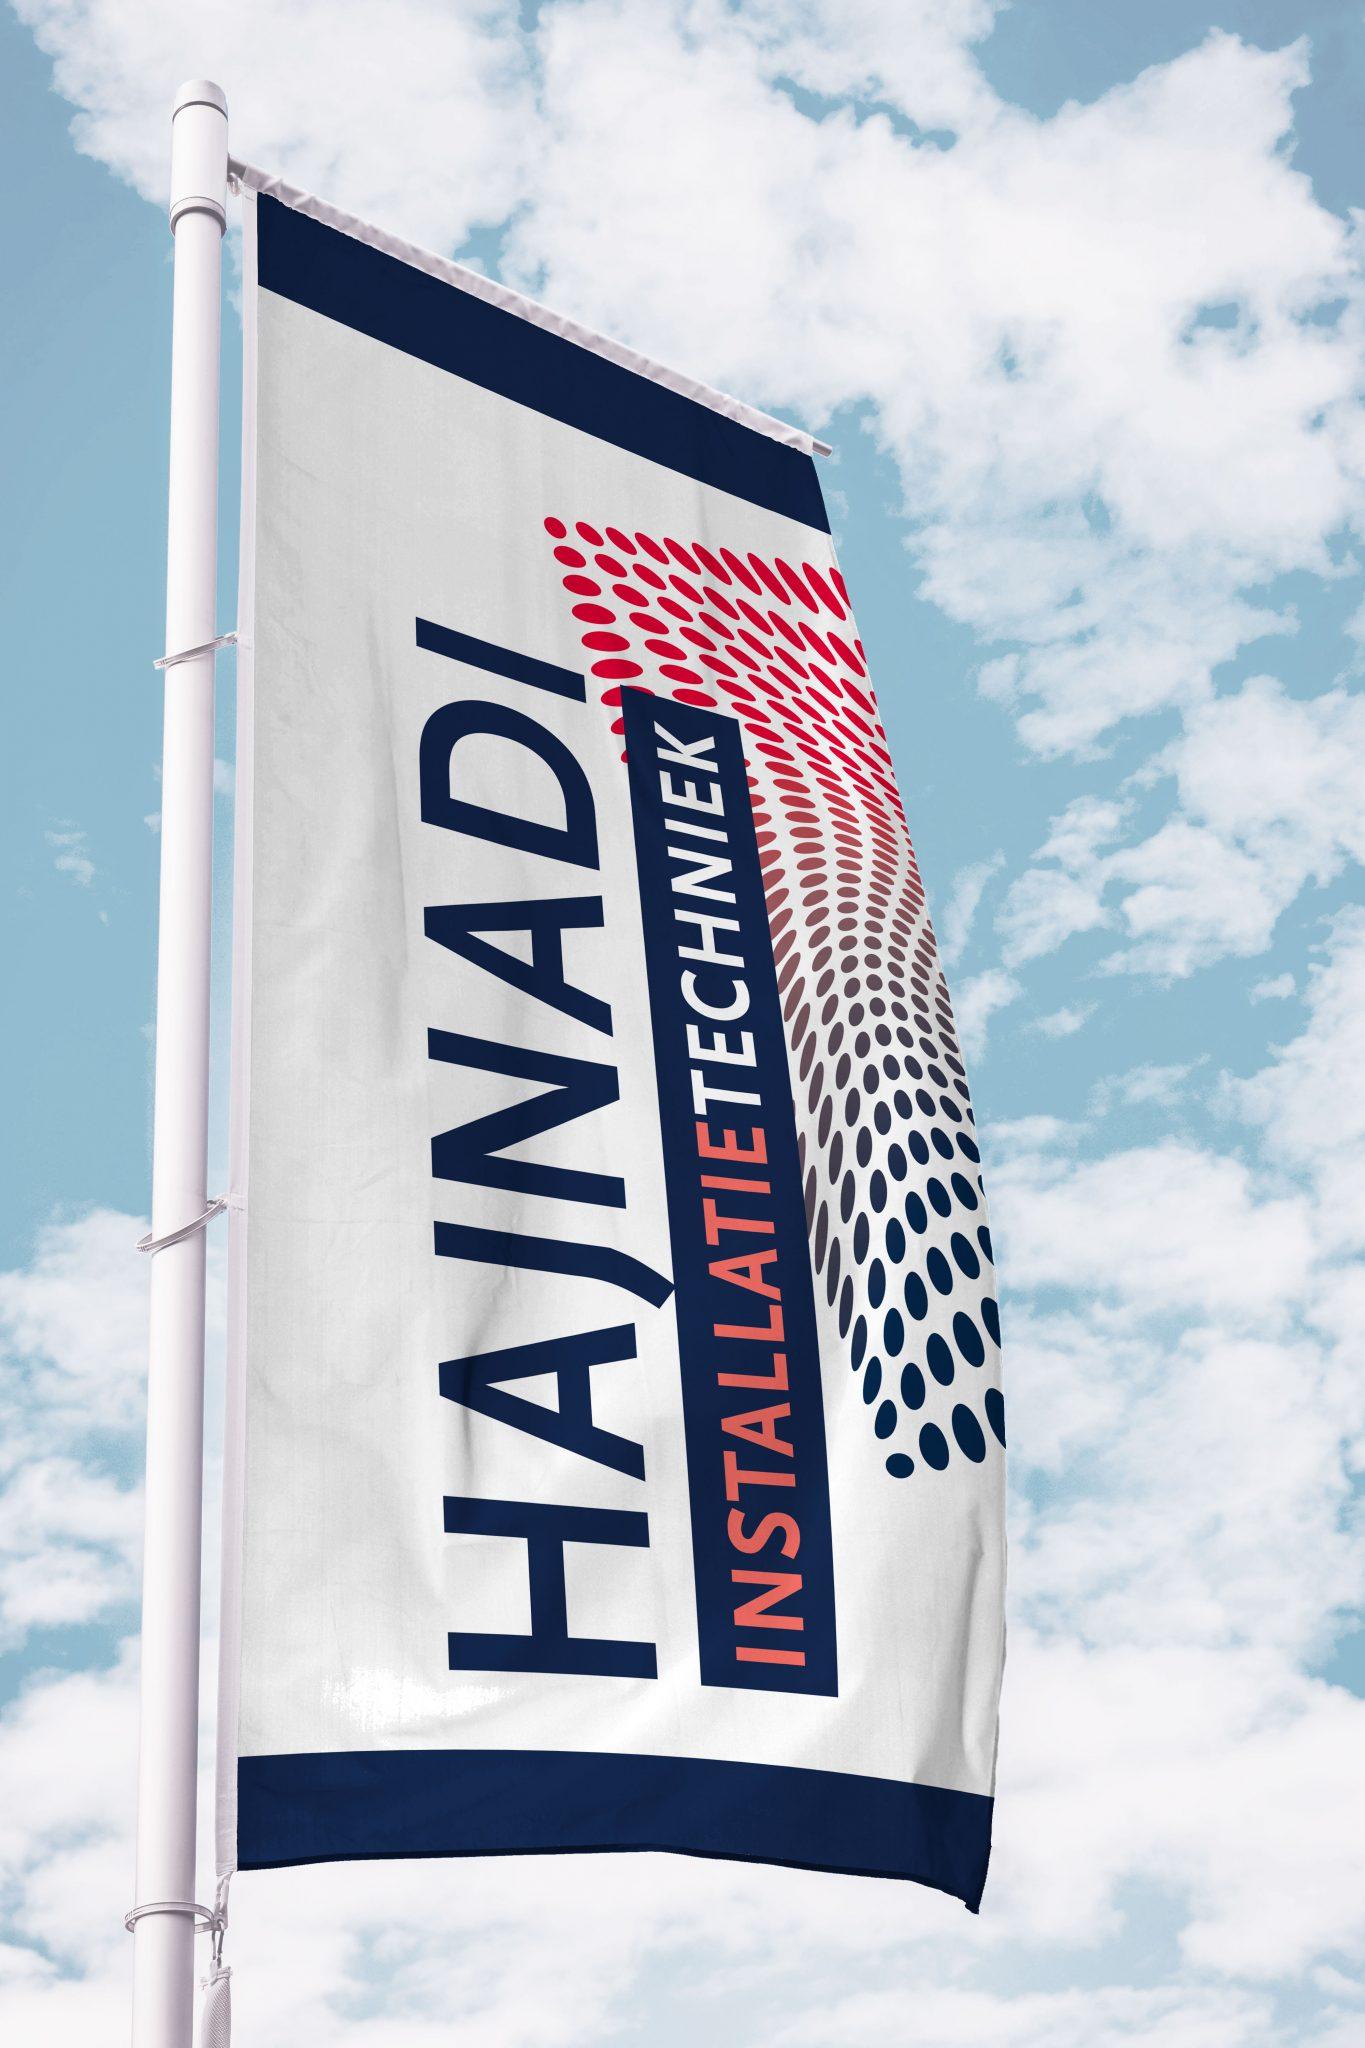 hajnadi installatietechniek vlaggen grootformaat drukwerk vormgeving